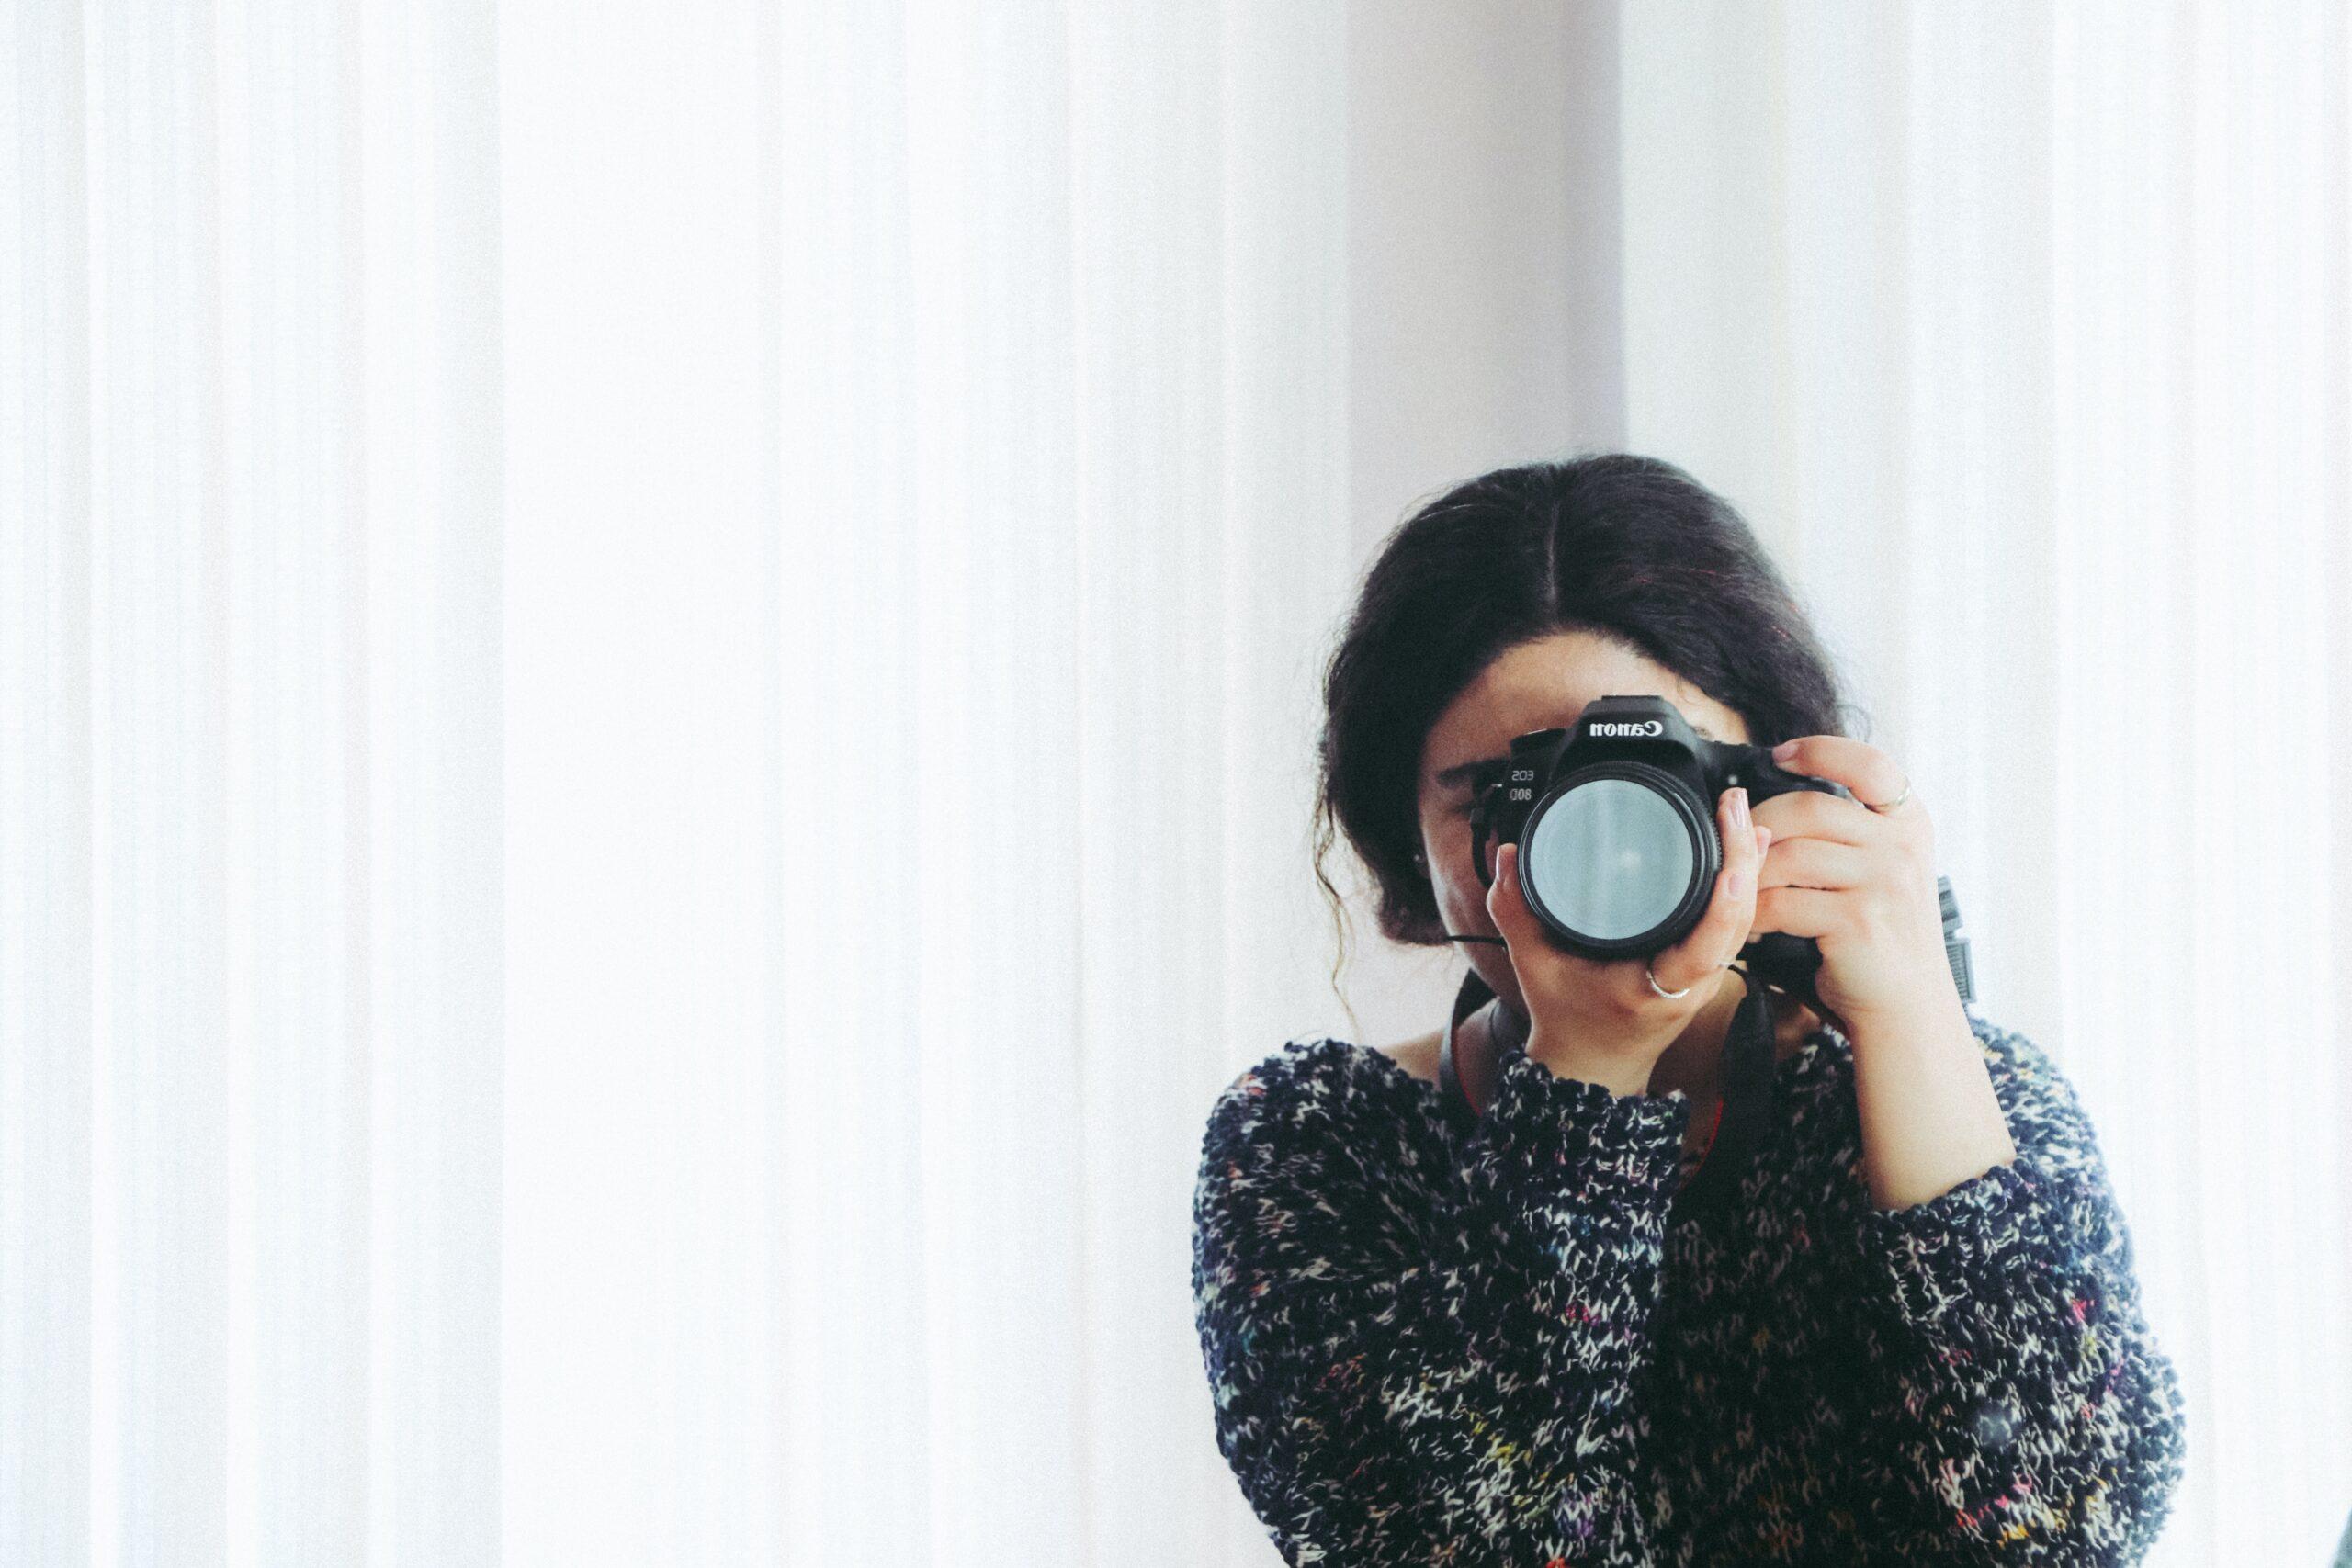 jak wygląda praca fotografa